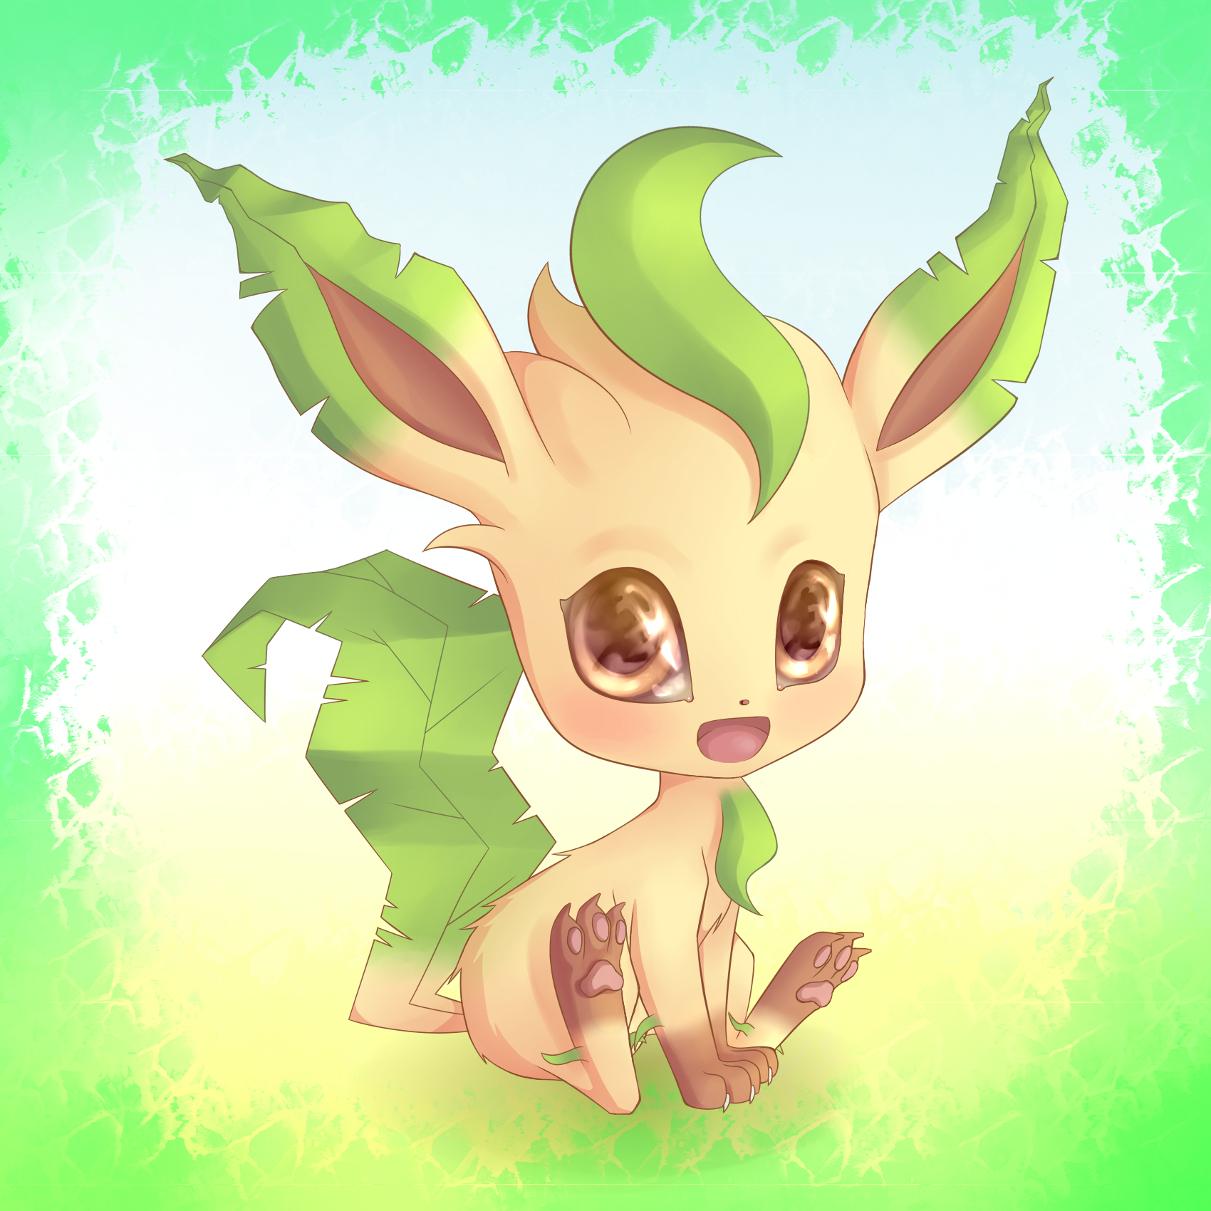 Pokémon-Zeichnung: Kawaii-Leafeon